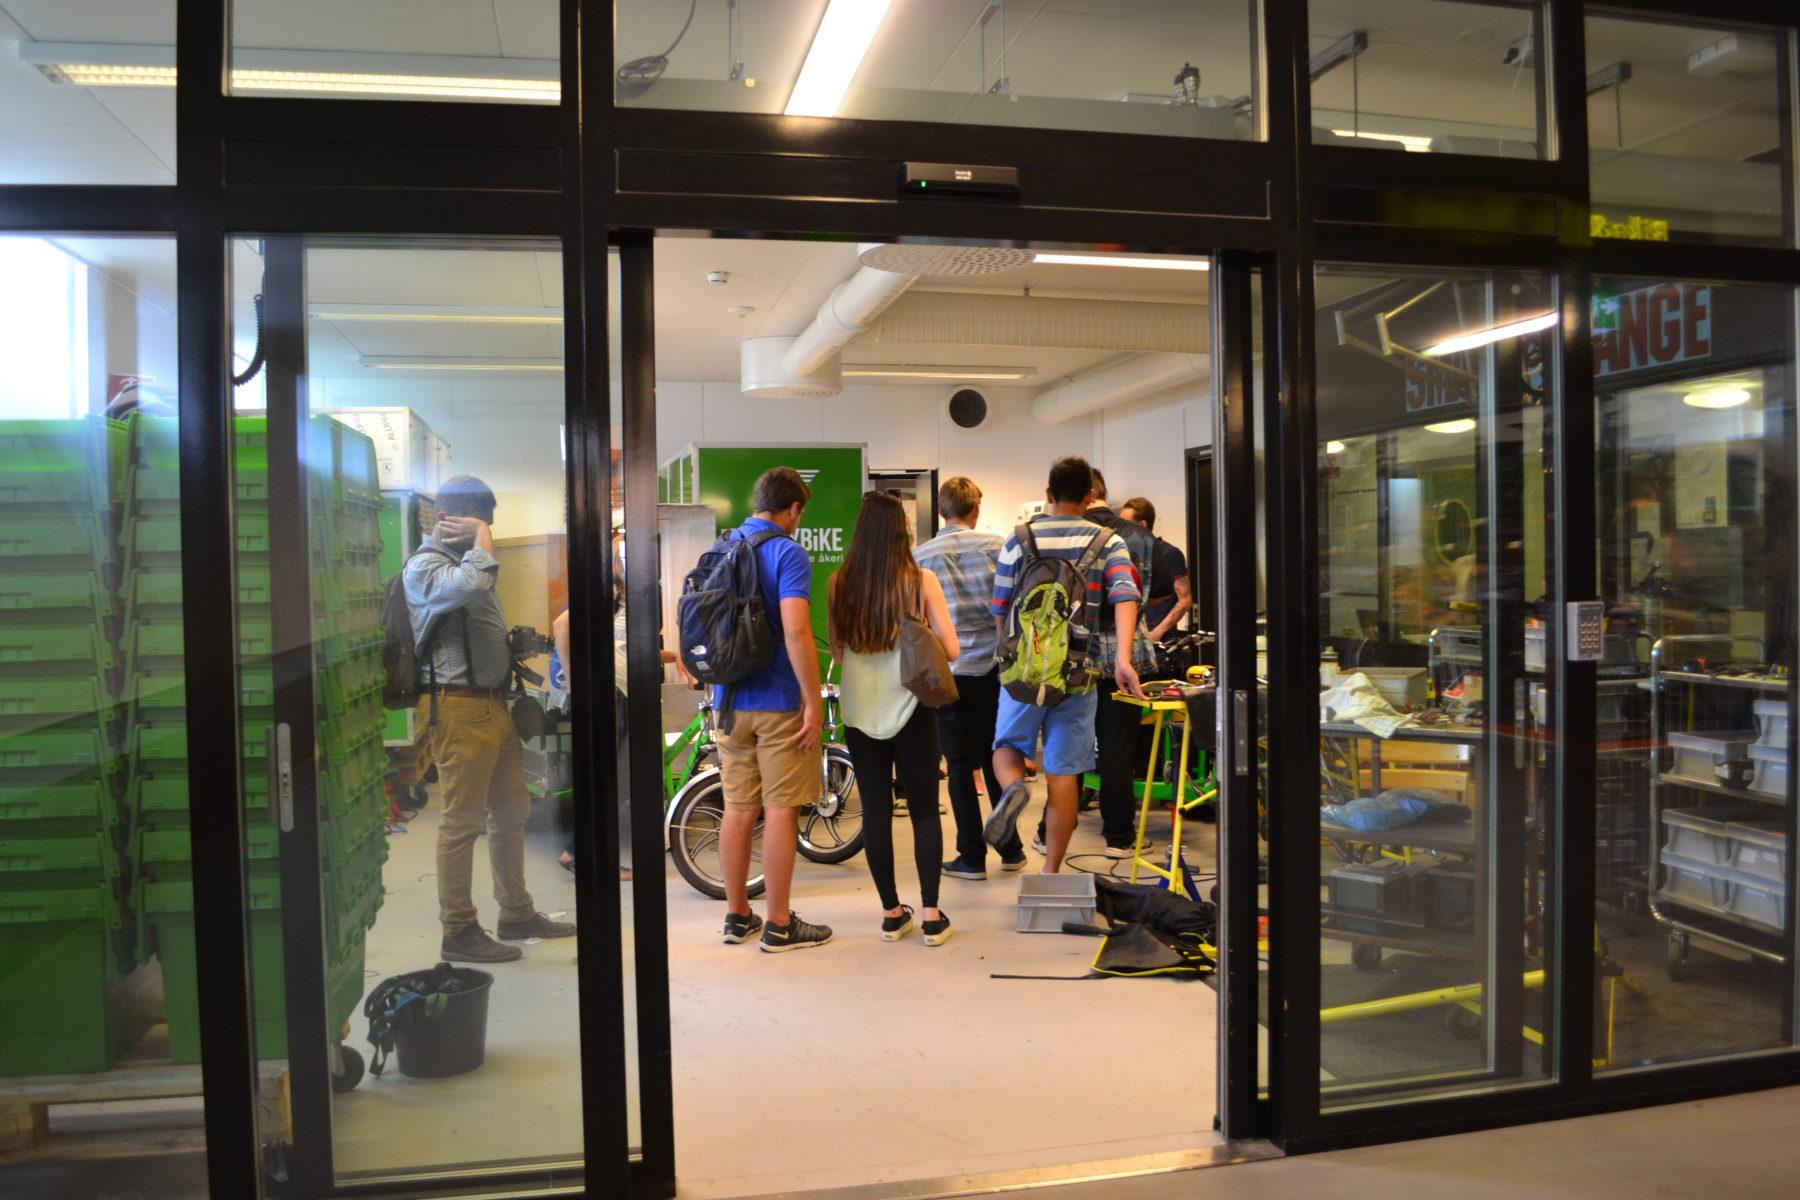 Elever från 2015 års grupp besökte också MoveByBike